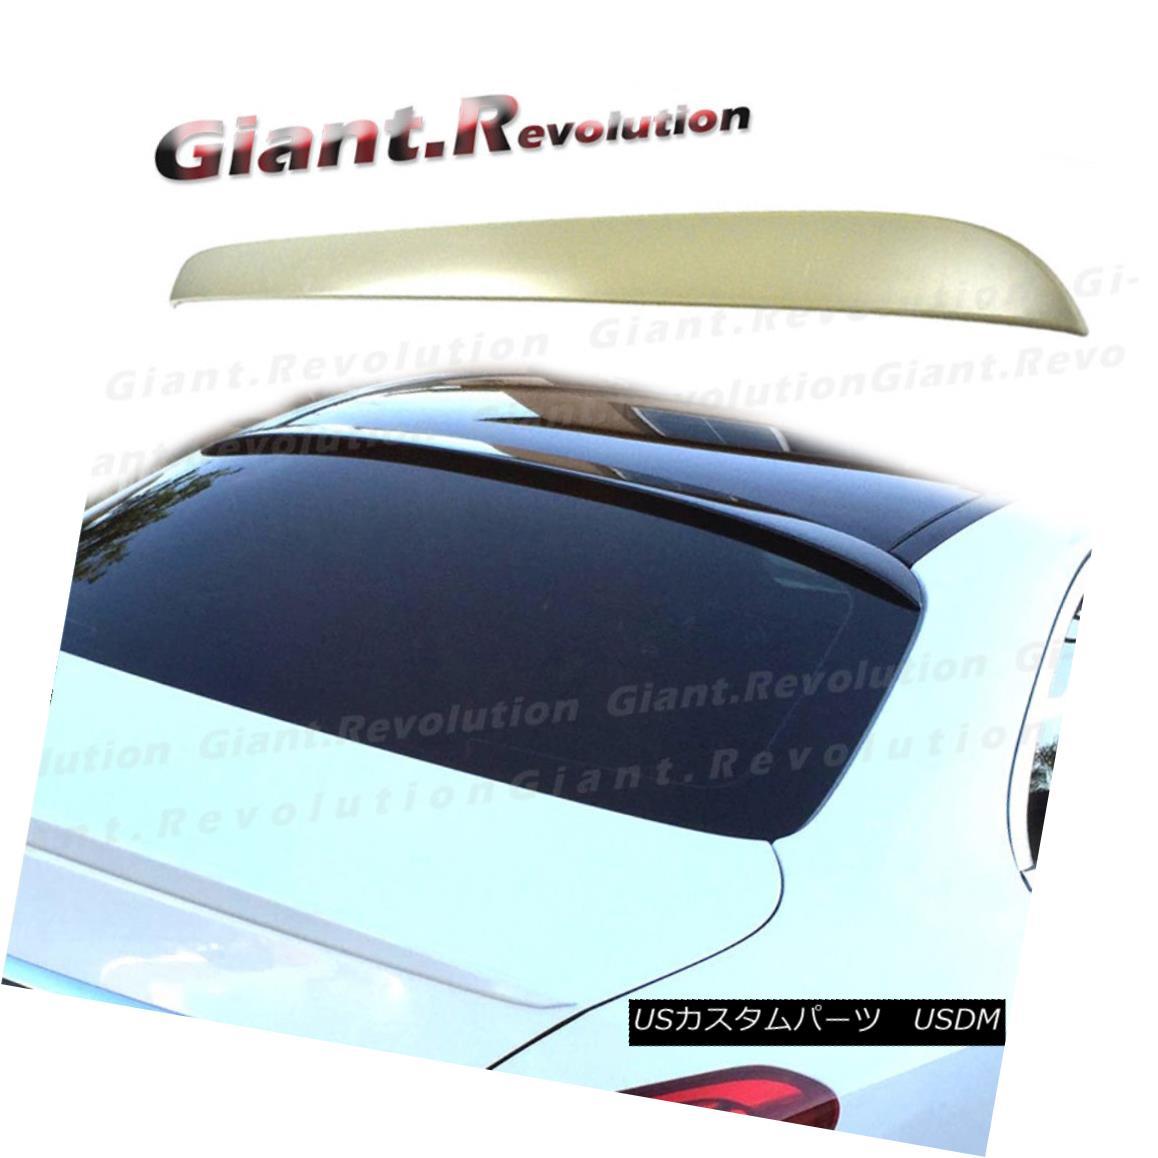 エアロパーツ UNCOATED A Look Rear Roof Spoiler Boot Fit 2015+ M-Benz W205 Sedan 4DR C180 C250 外観ルーフスポイラーブーツフィット2015+ M-Benz W205 Sedan 4DR C180 C250